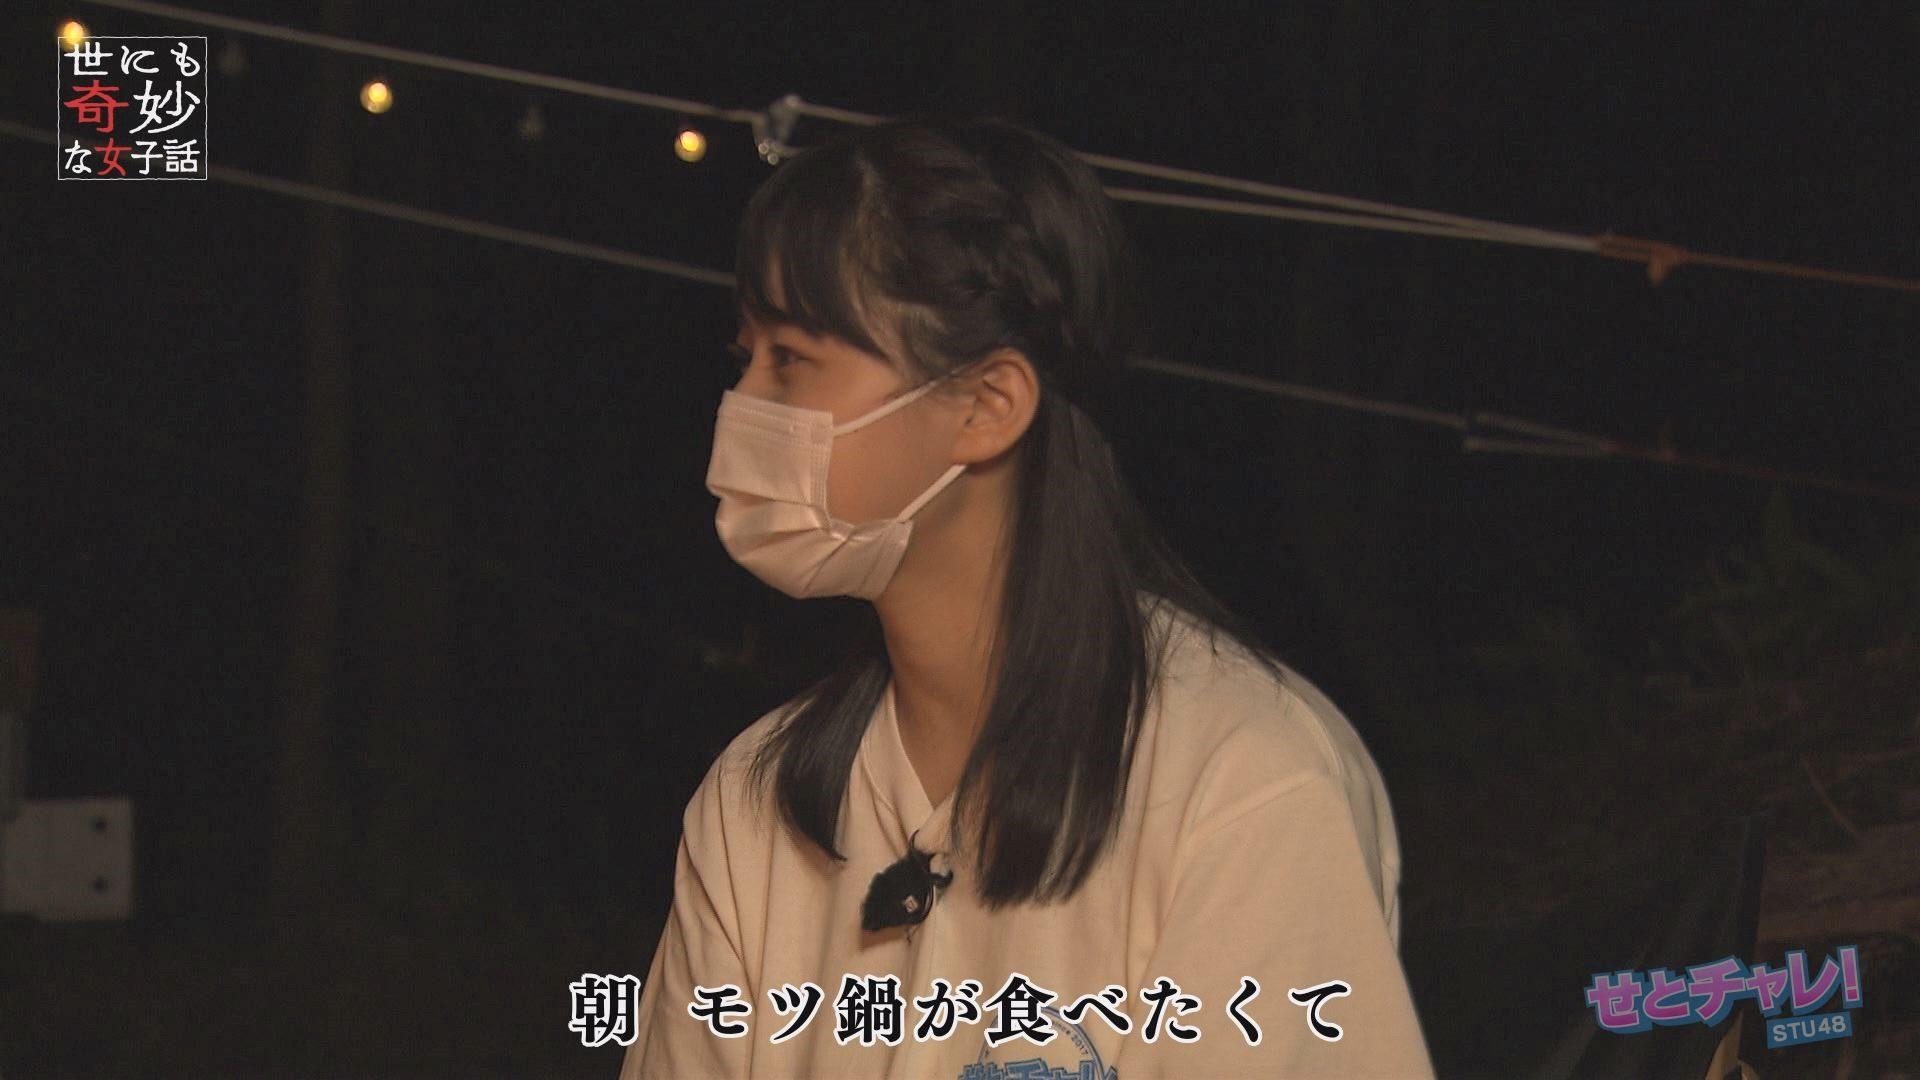 瀧野由美子「来ちゃった」モツ鍋の恐怖